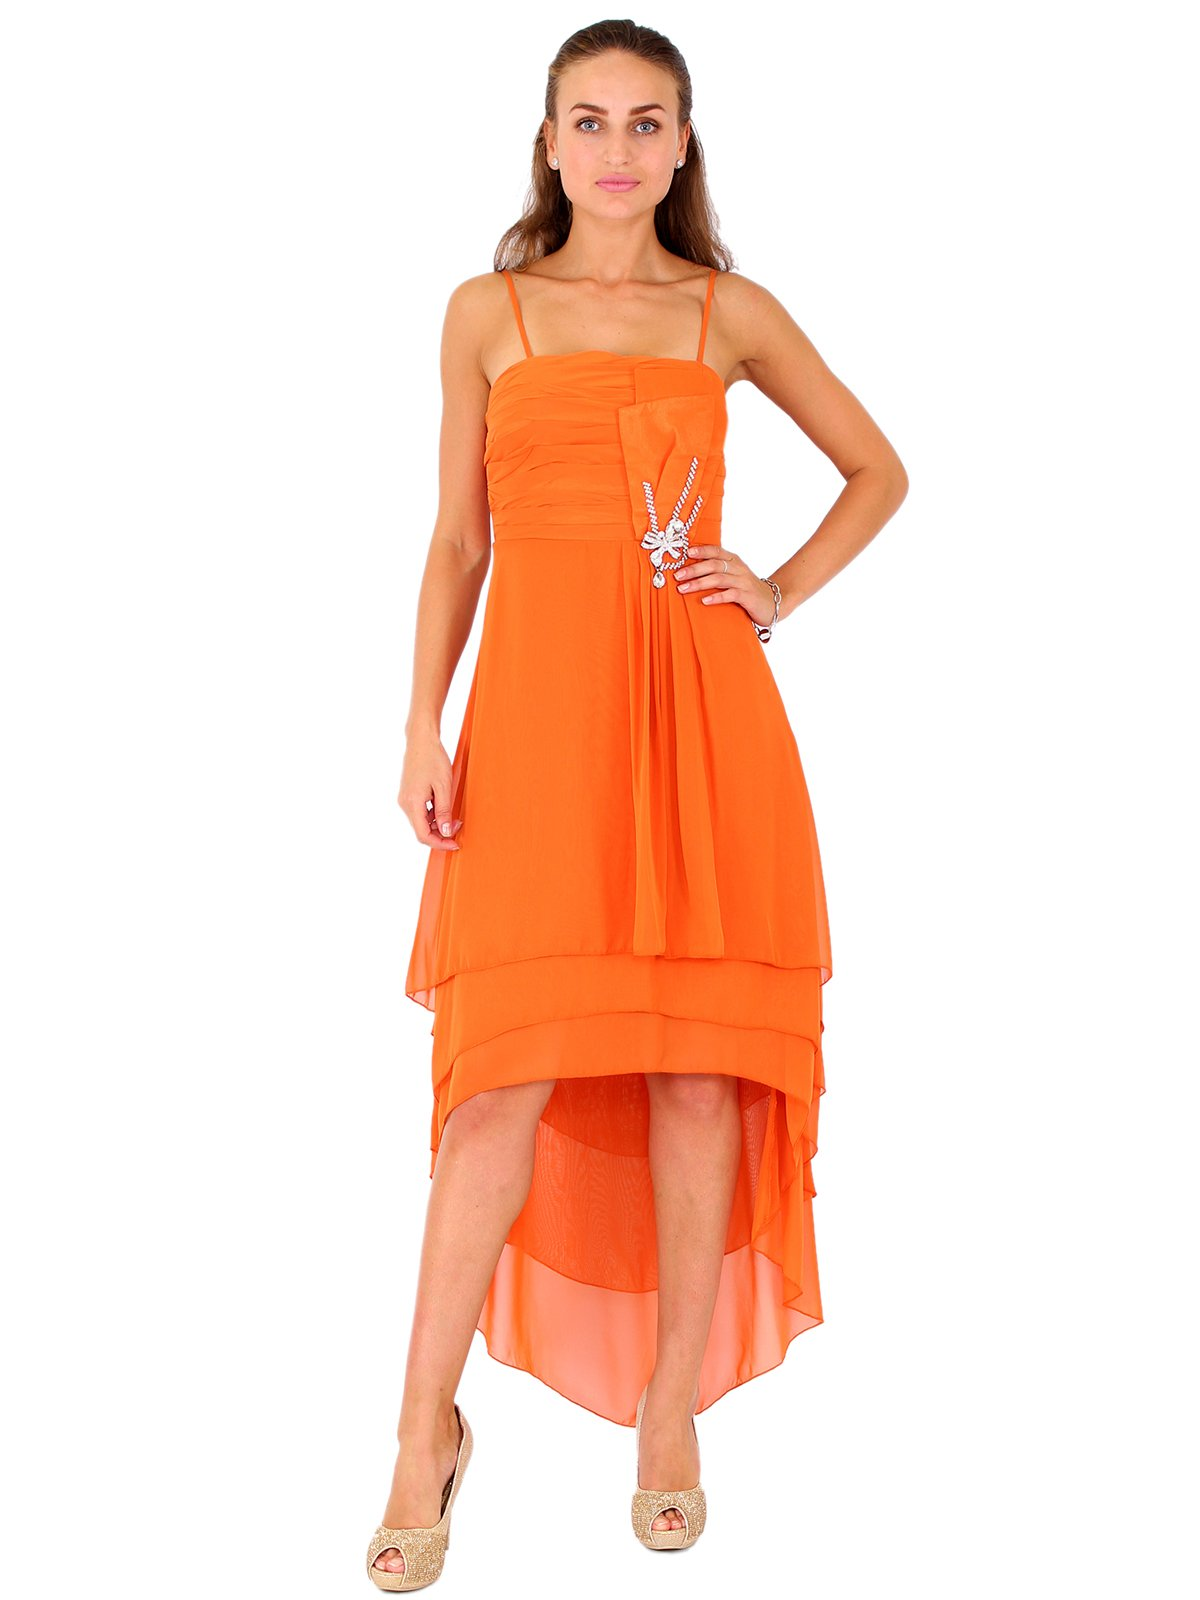 Eleganz Figurumschmeichelndes Cocktail-Kleid von Lautinel Orange   R7143